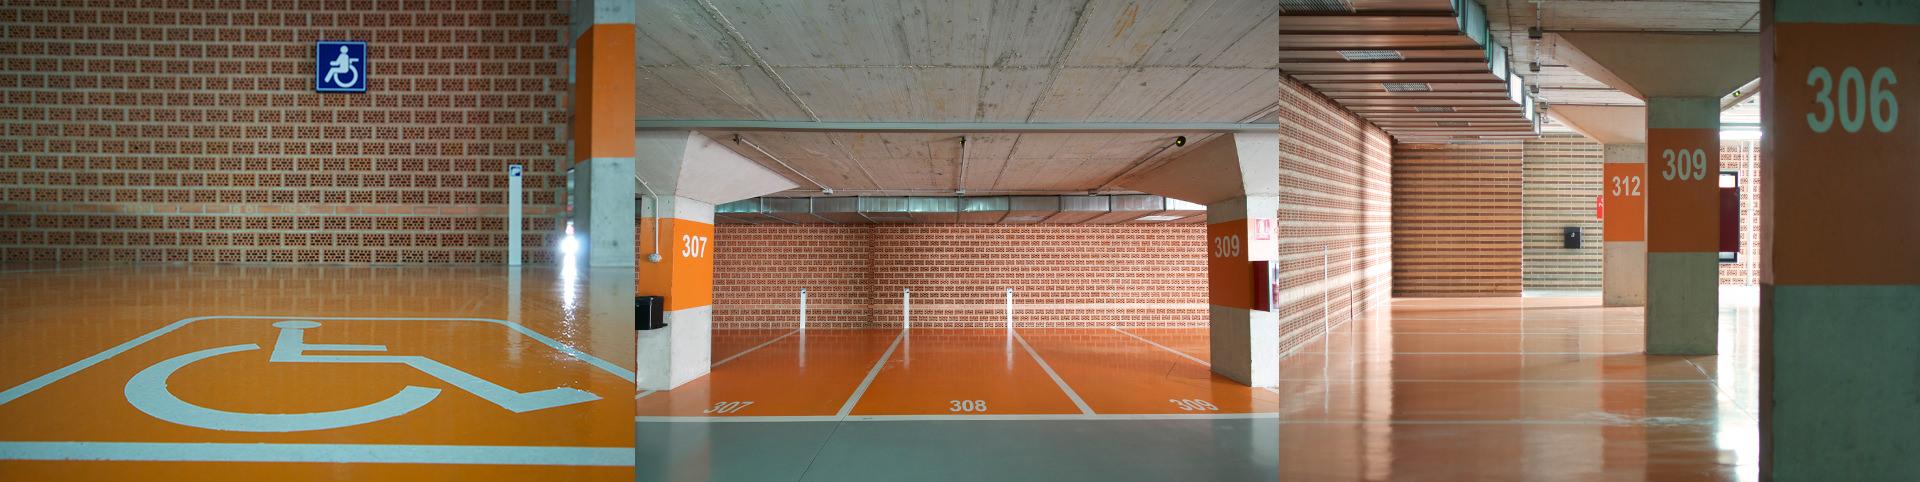 pavimento parking en hospital la vega - tudepa